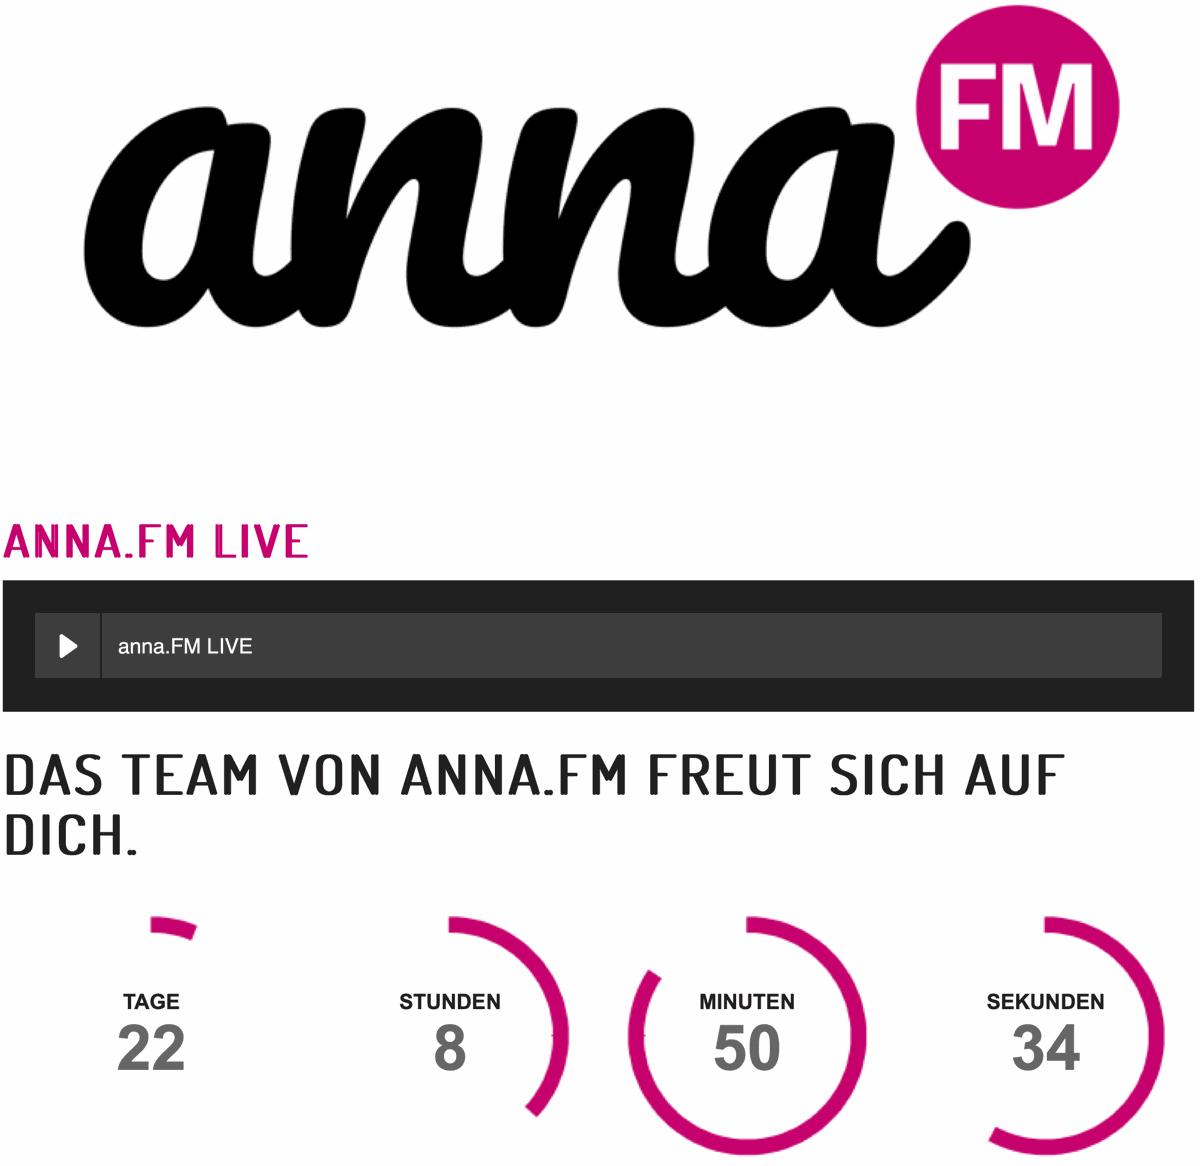 ANNA.FM startet am 1. Februar in Baden-Württemberg auf DAB+